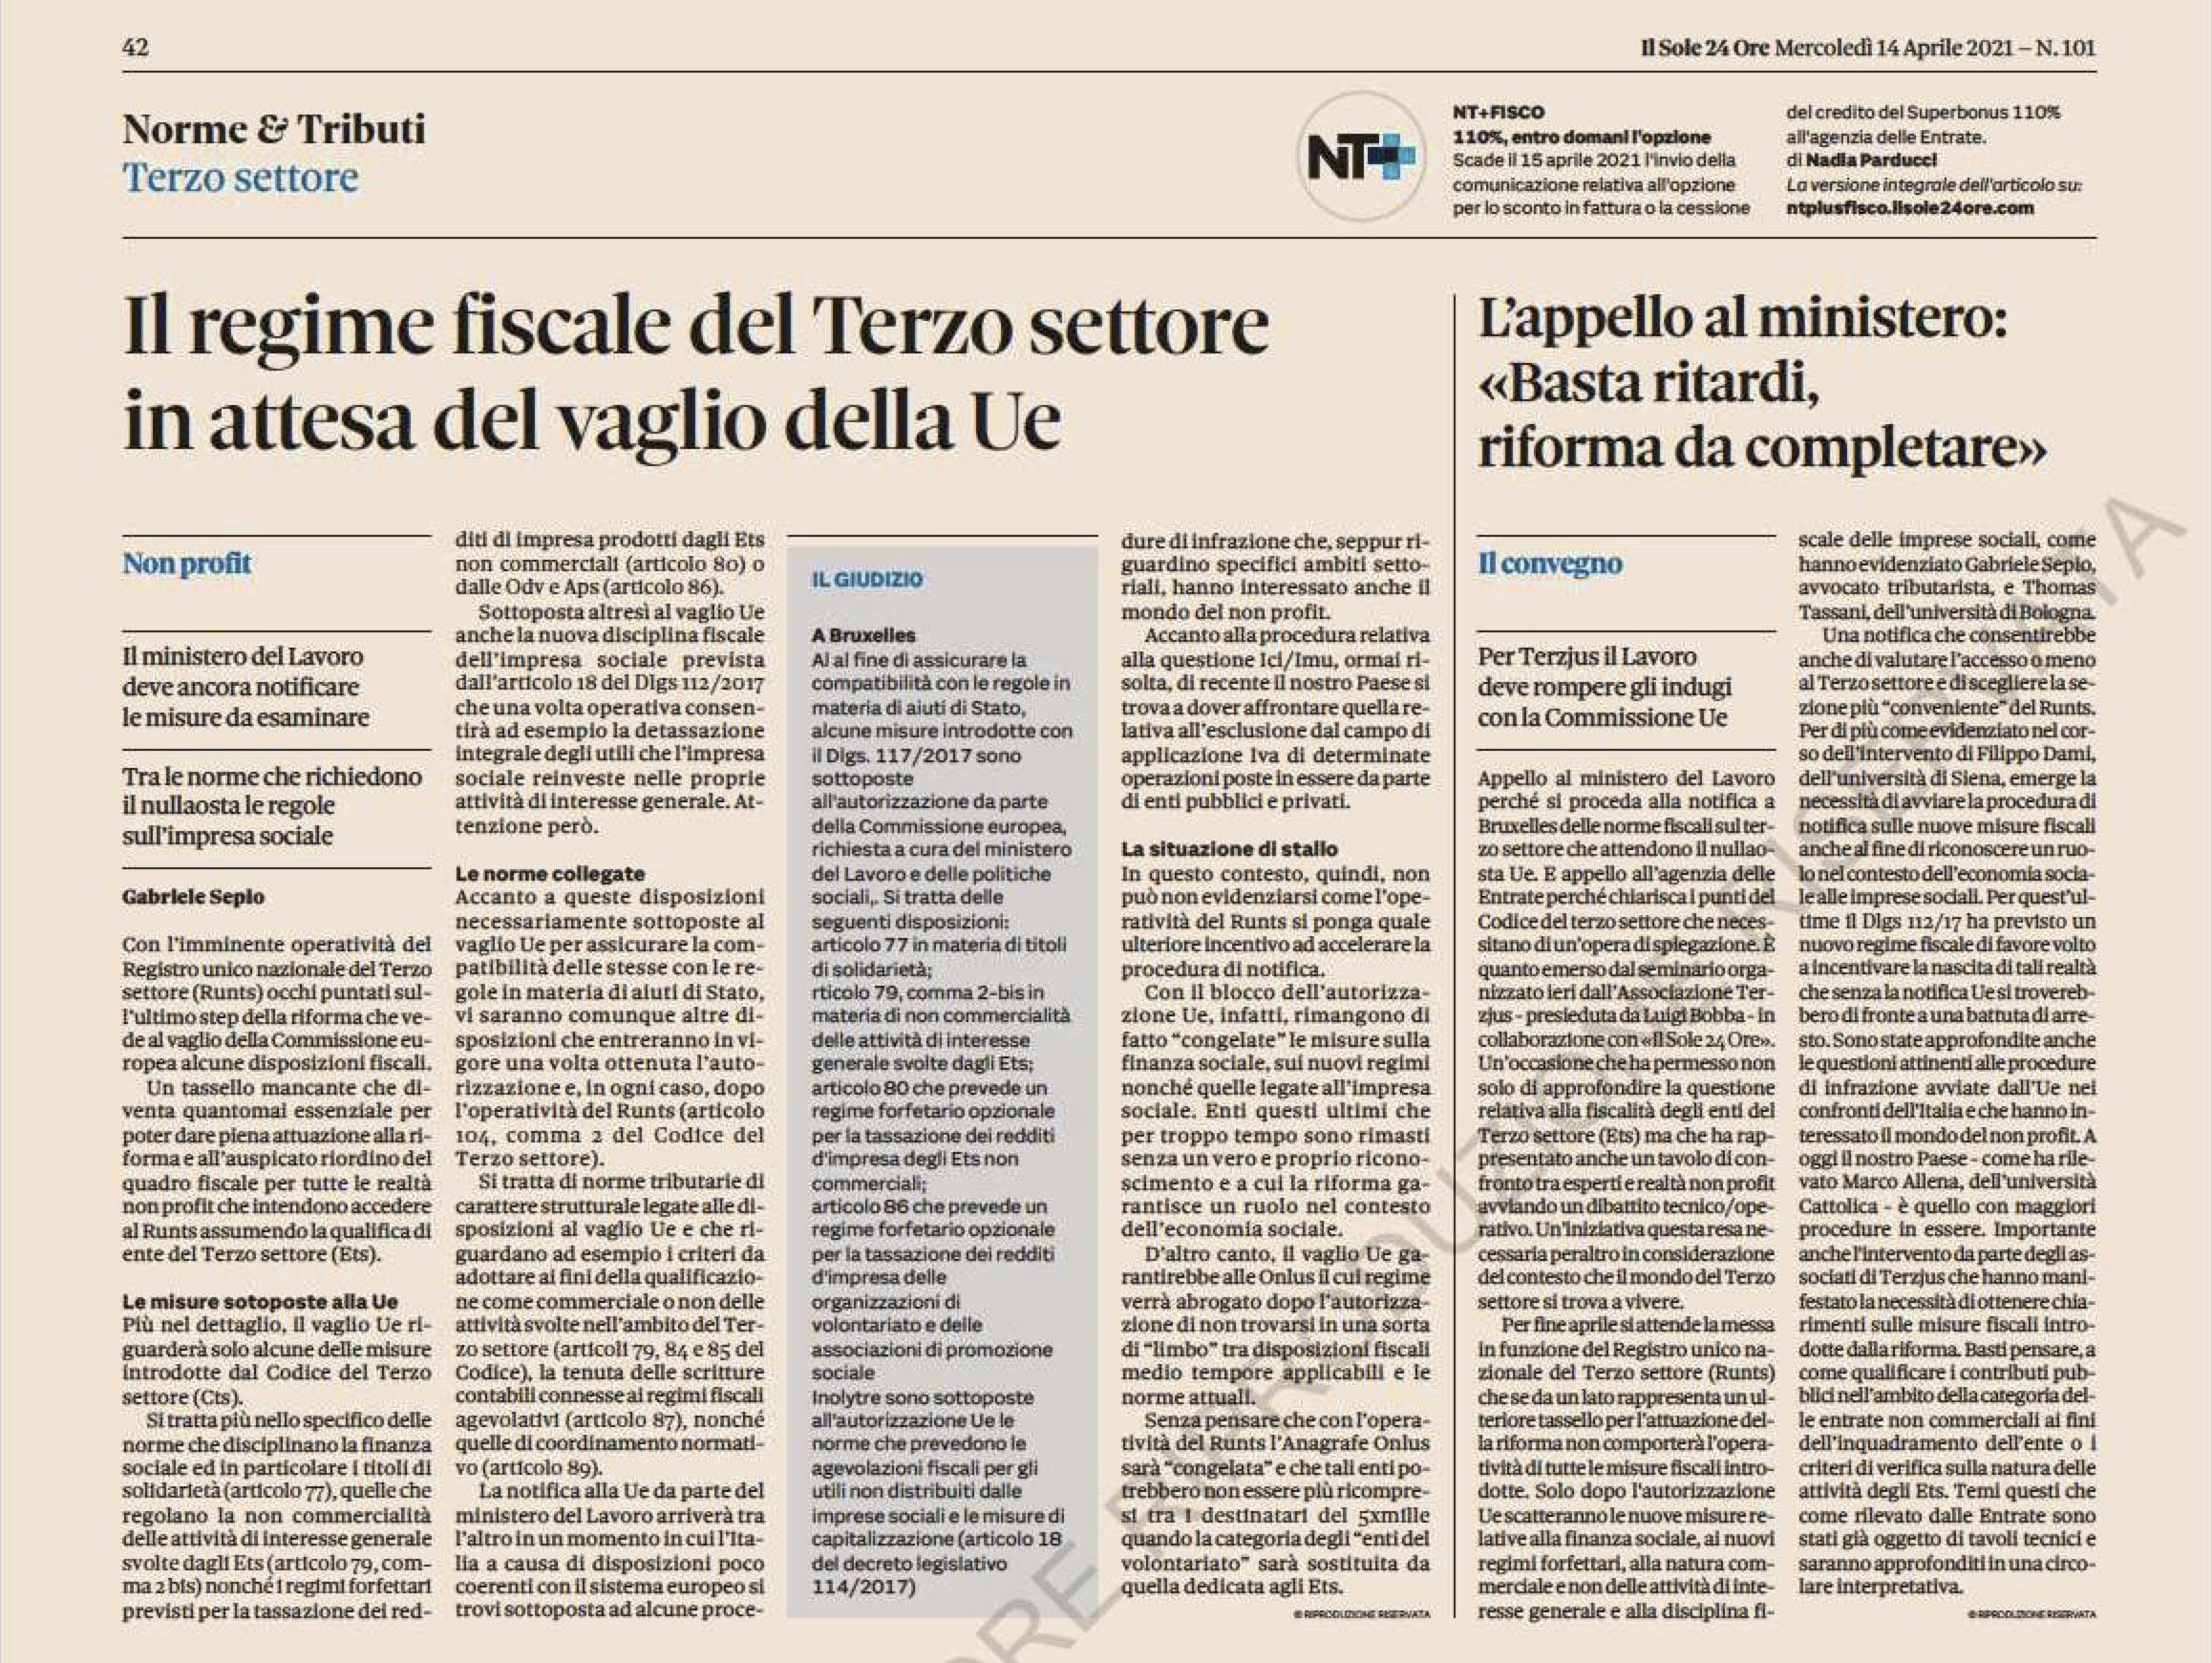 Il regime fiscale del Terzo settore in attesa del vaglio della Ue